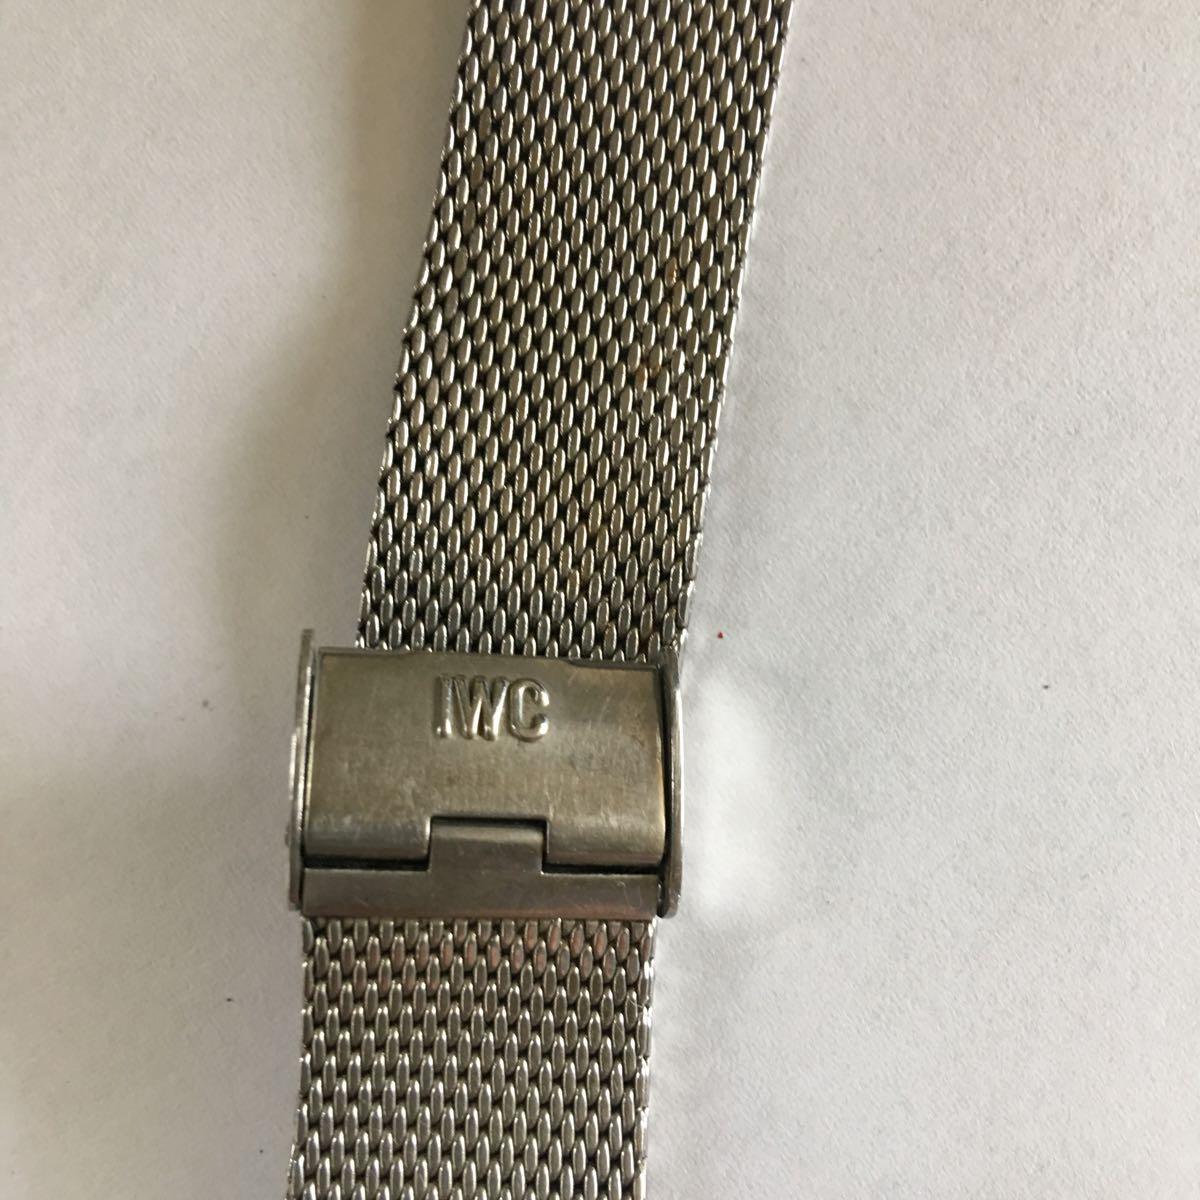 IWC インターナショナル ウォッチカンパニー SS 自動巻き デイト ラウンド アンティーク メンズ 腕時計 管理番号01_画像2